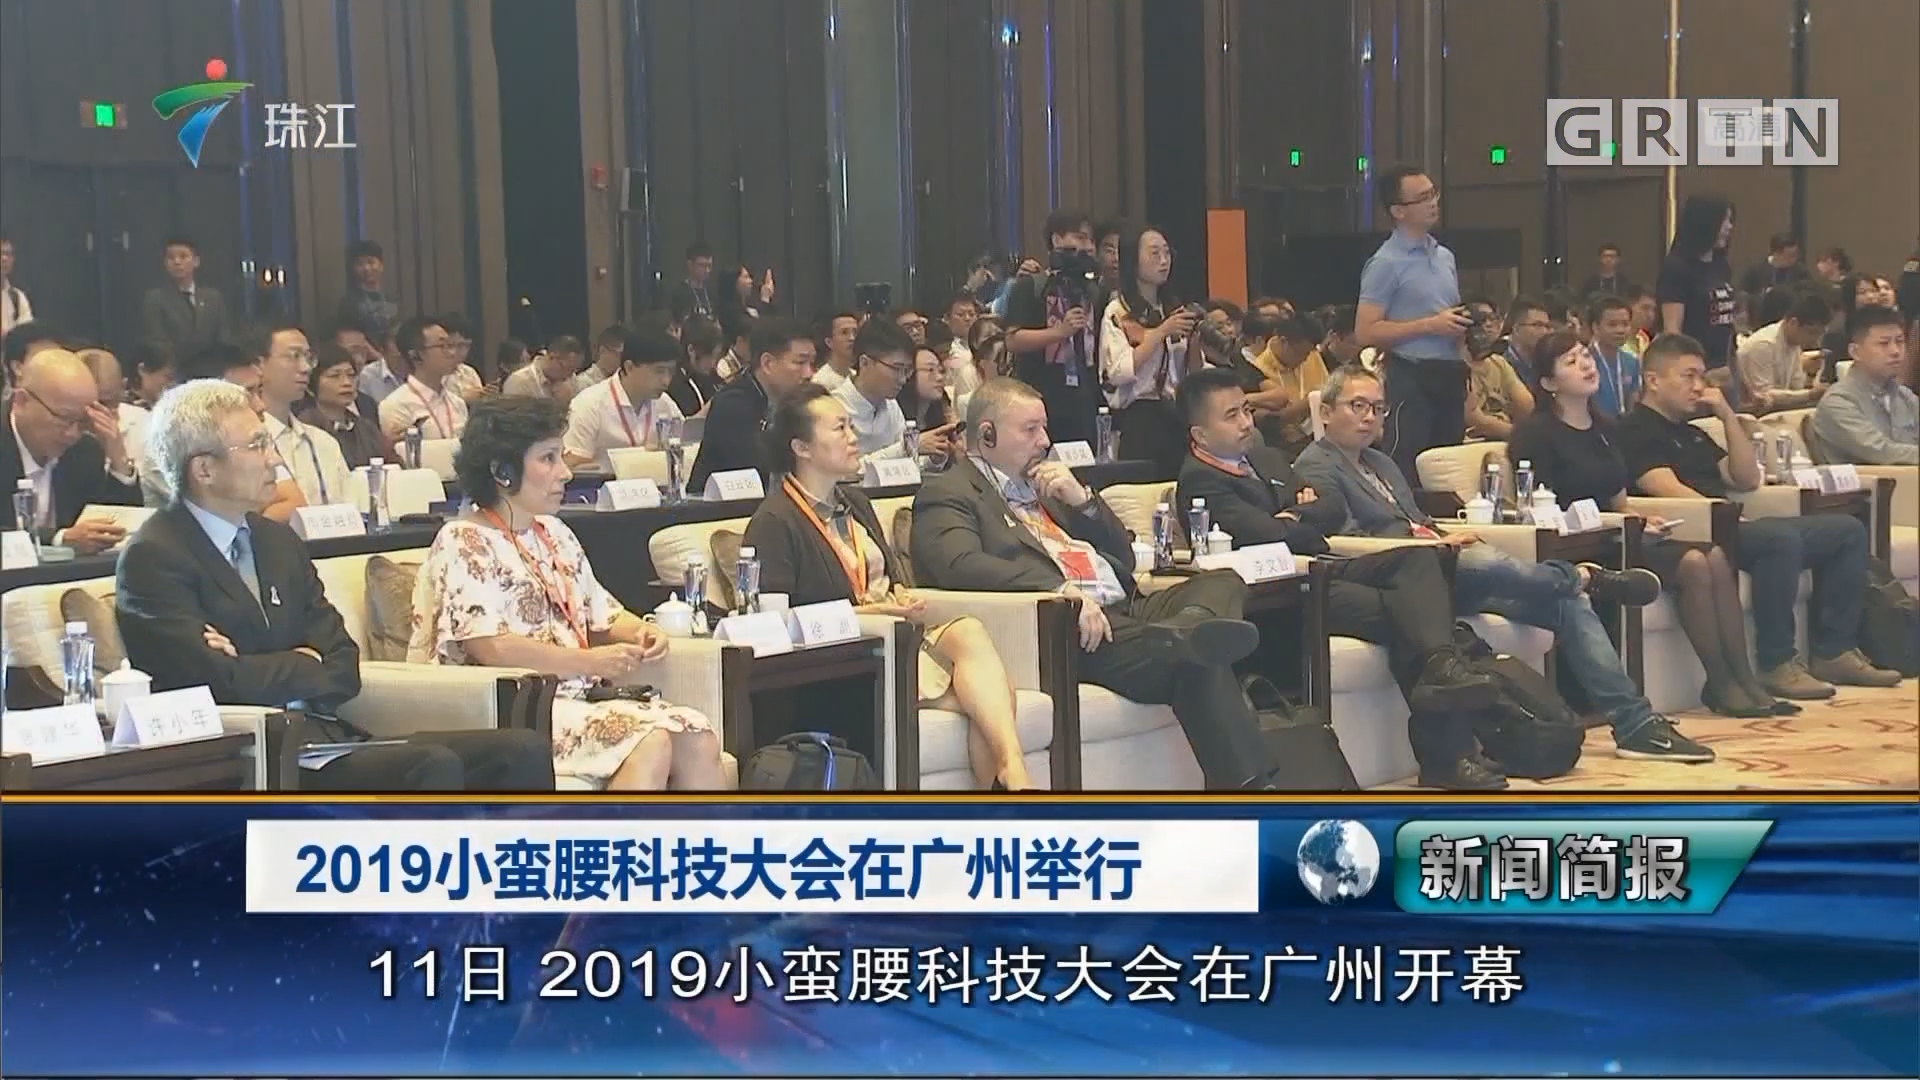 2019小蠻腰科技大會在廣州舉行